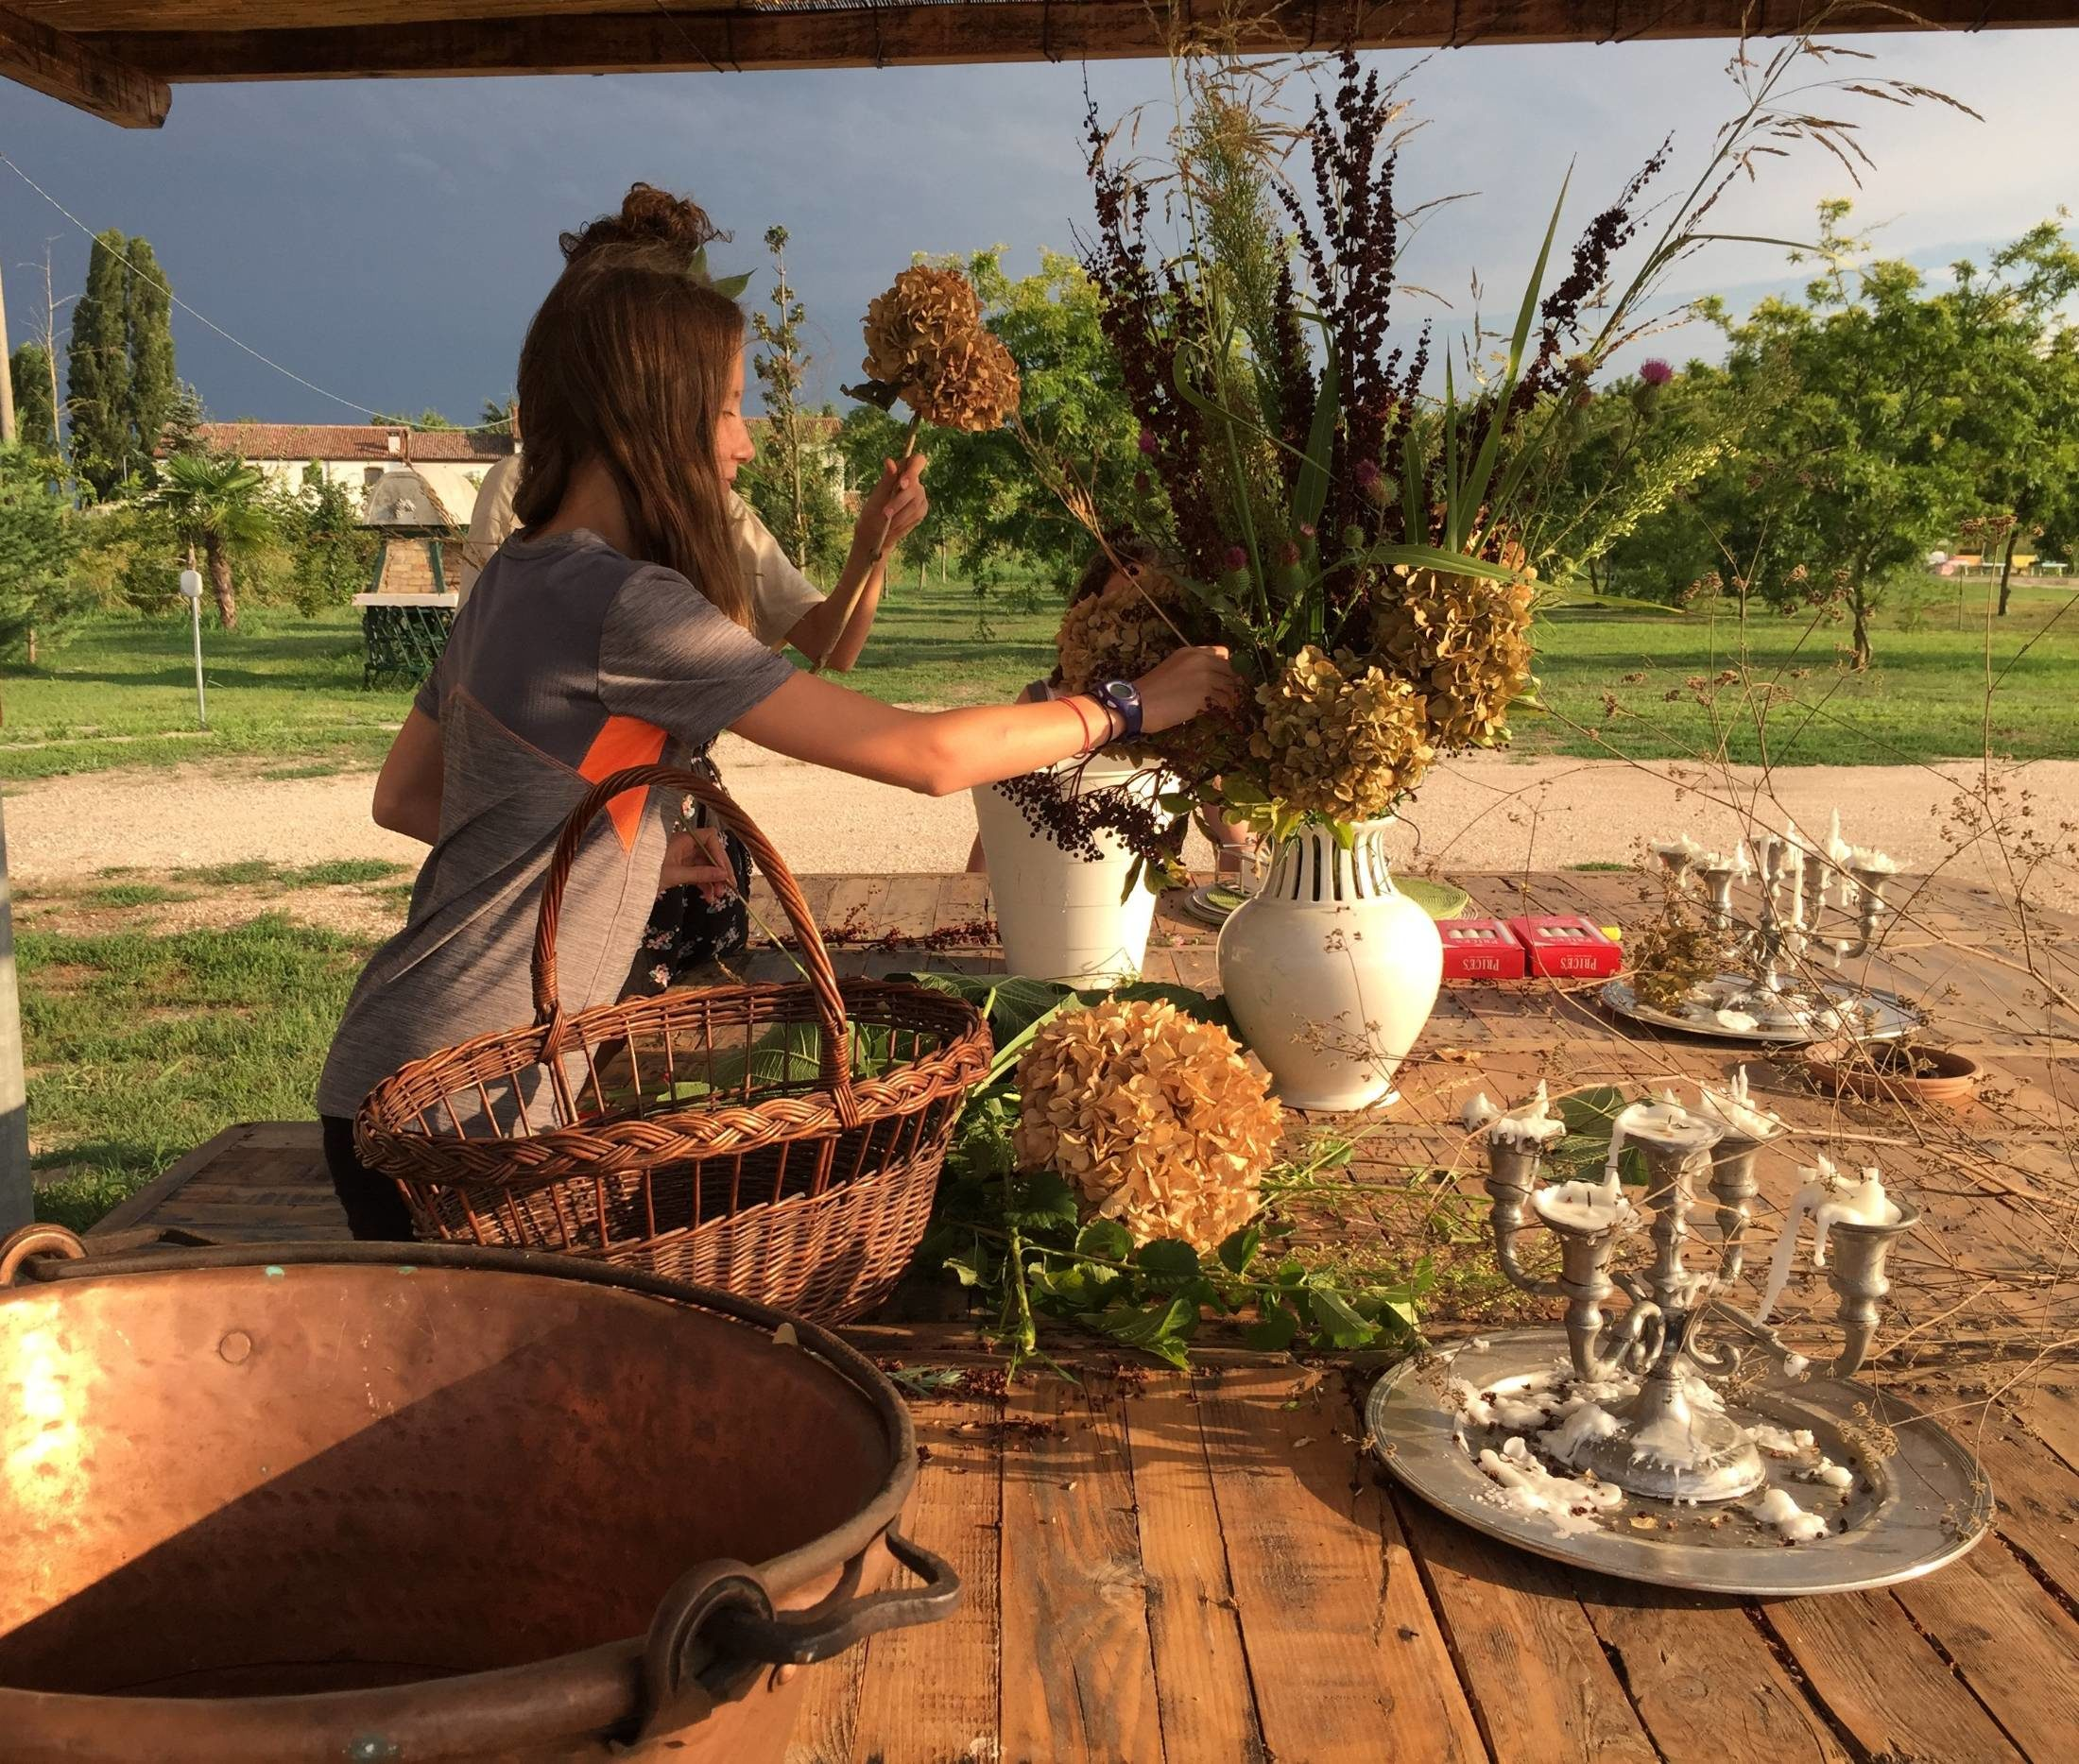 Il carrotavolo apparecchiato per l'aperitivo al tramonto